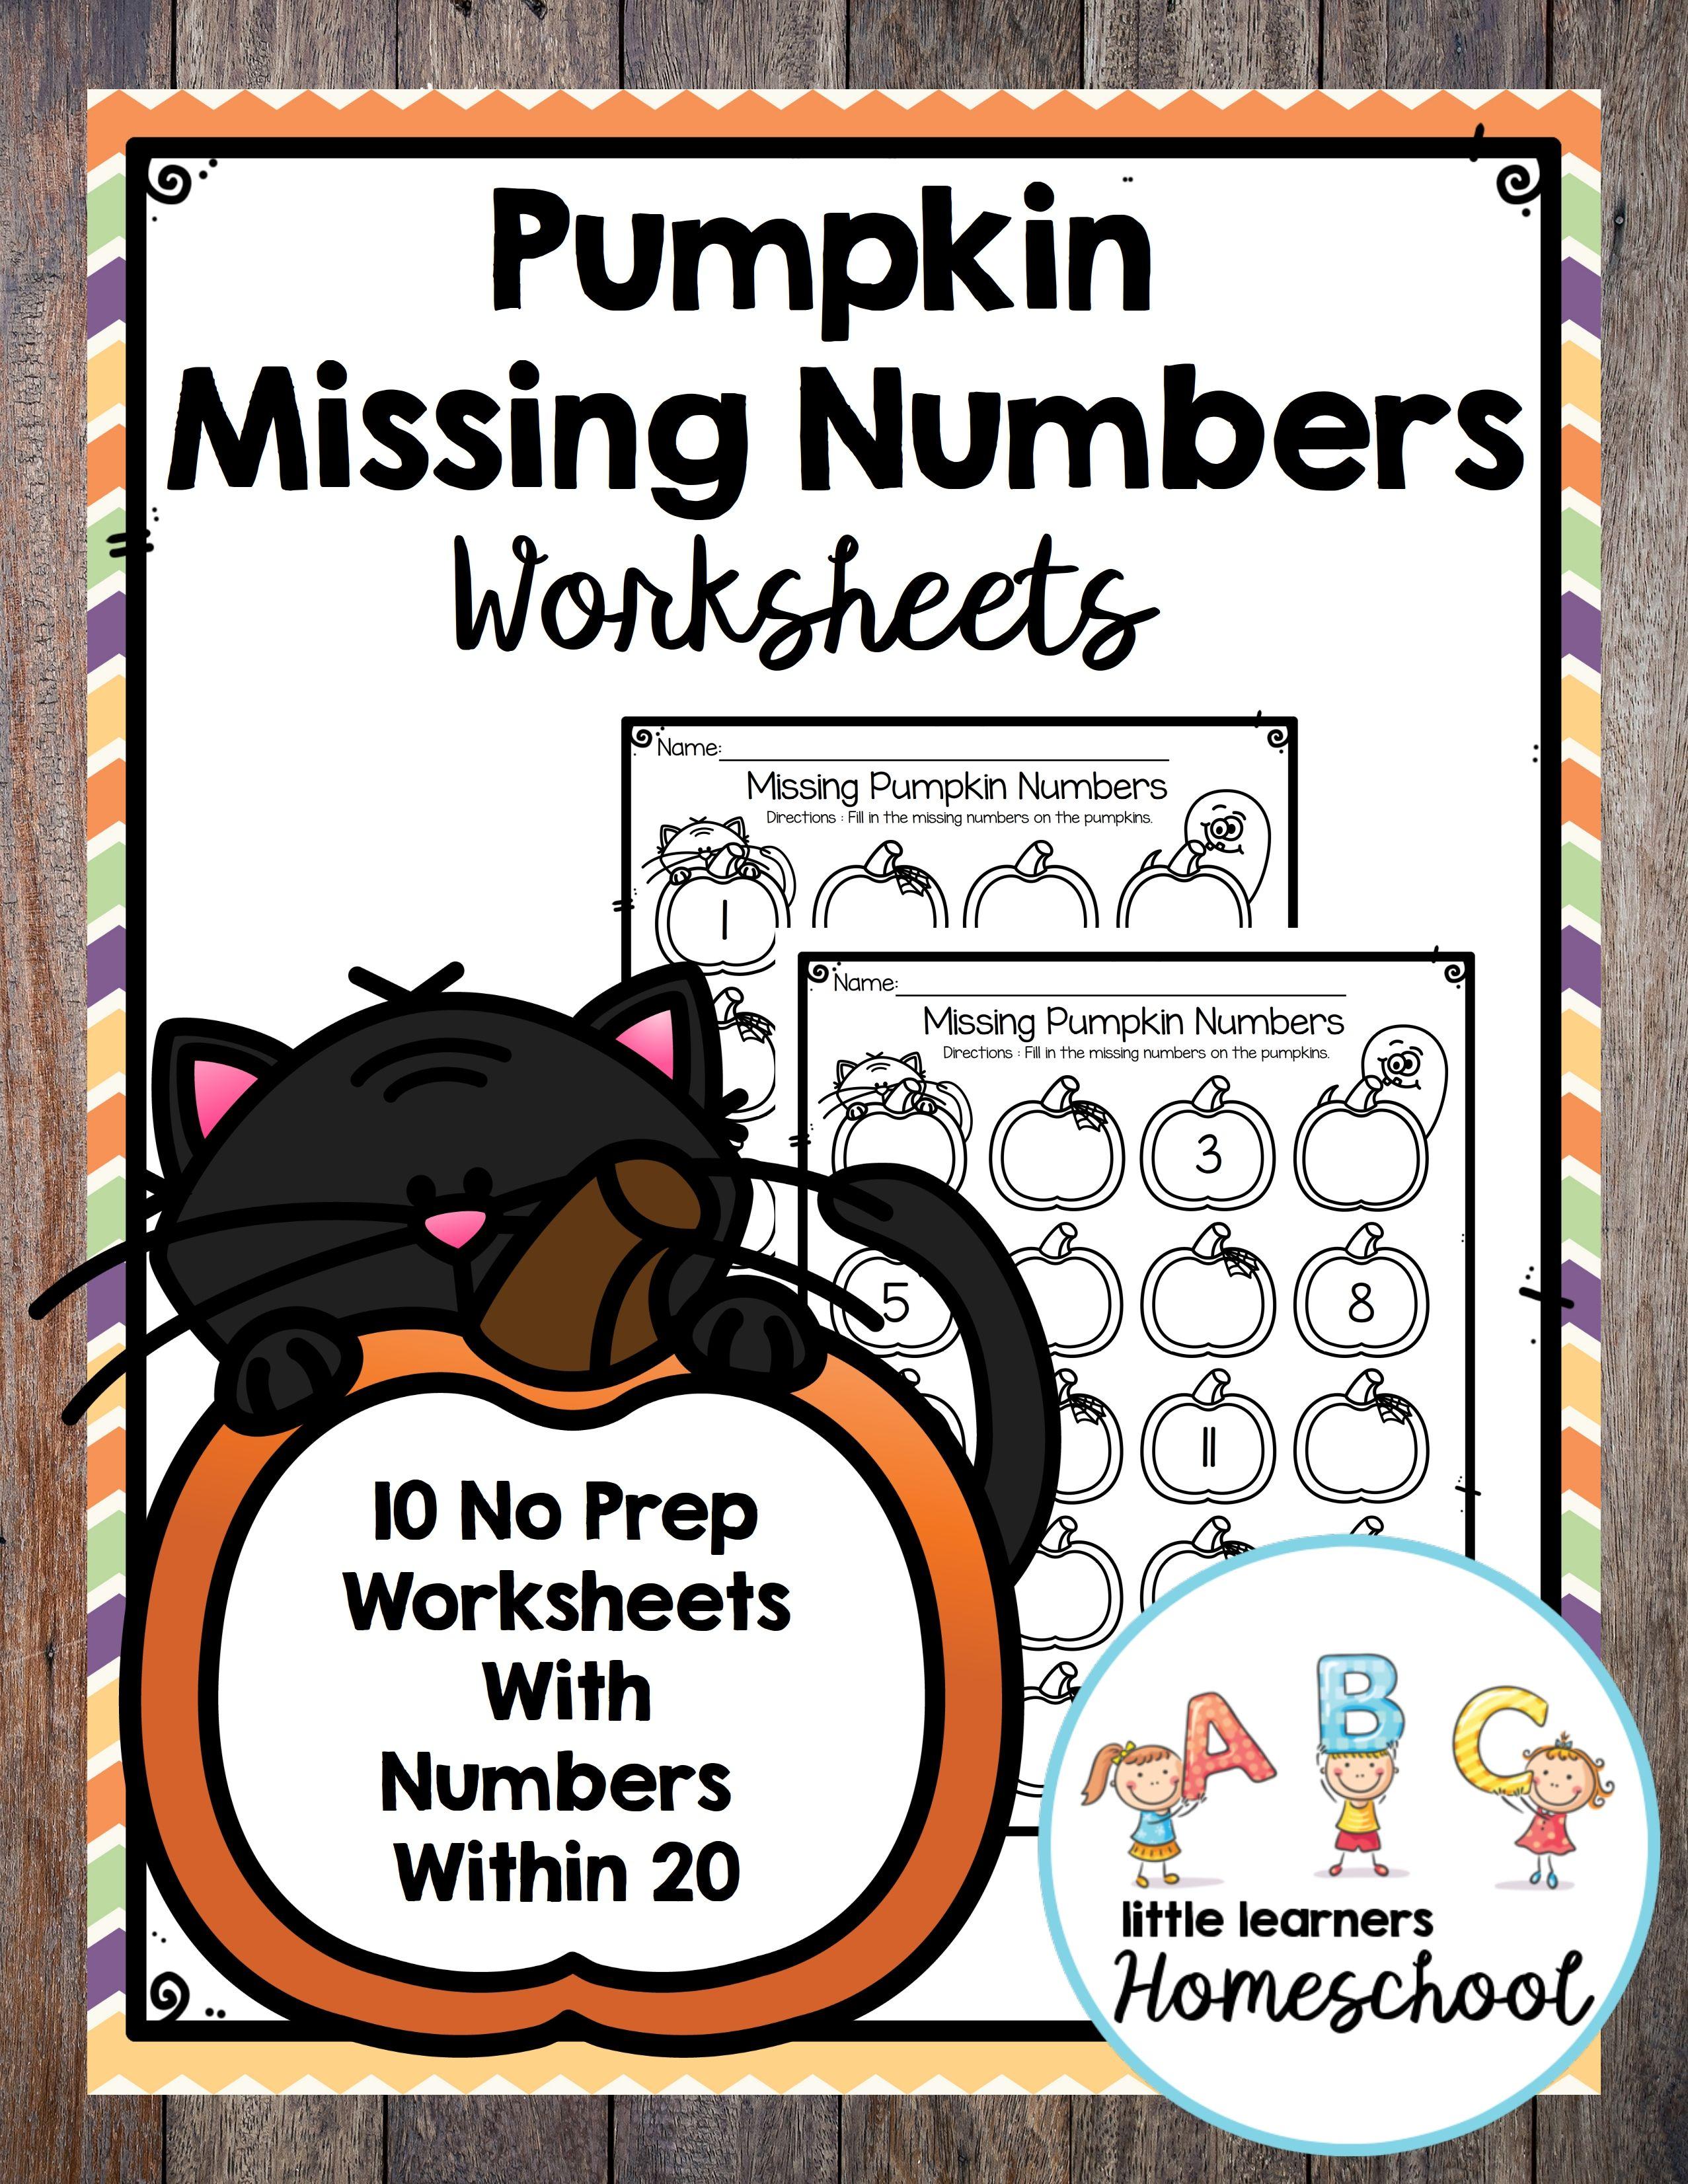 Pumpkin Missing Numbers Worksheets In